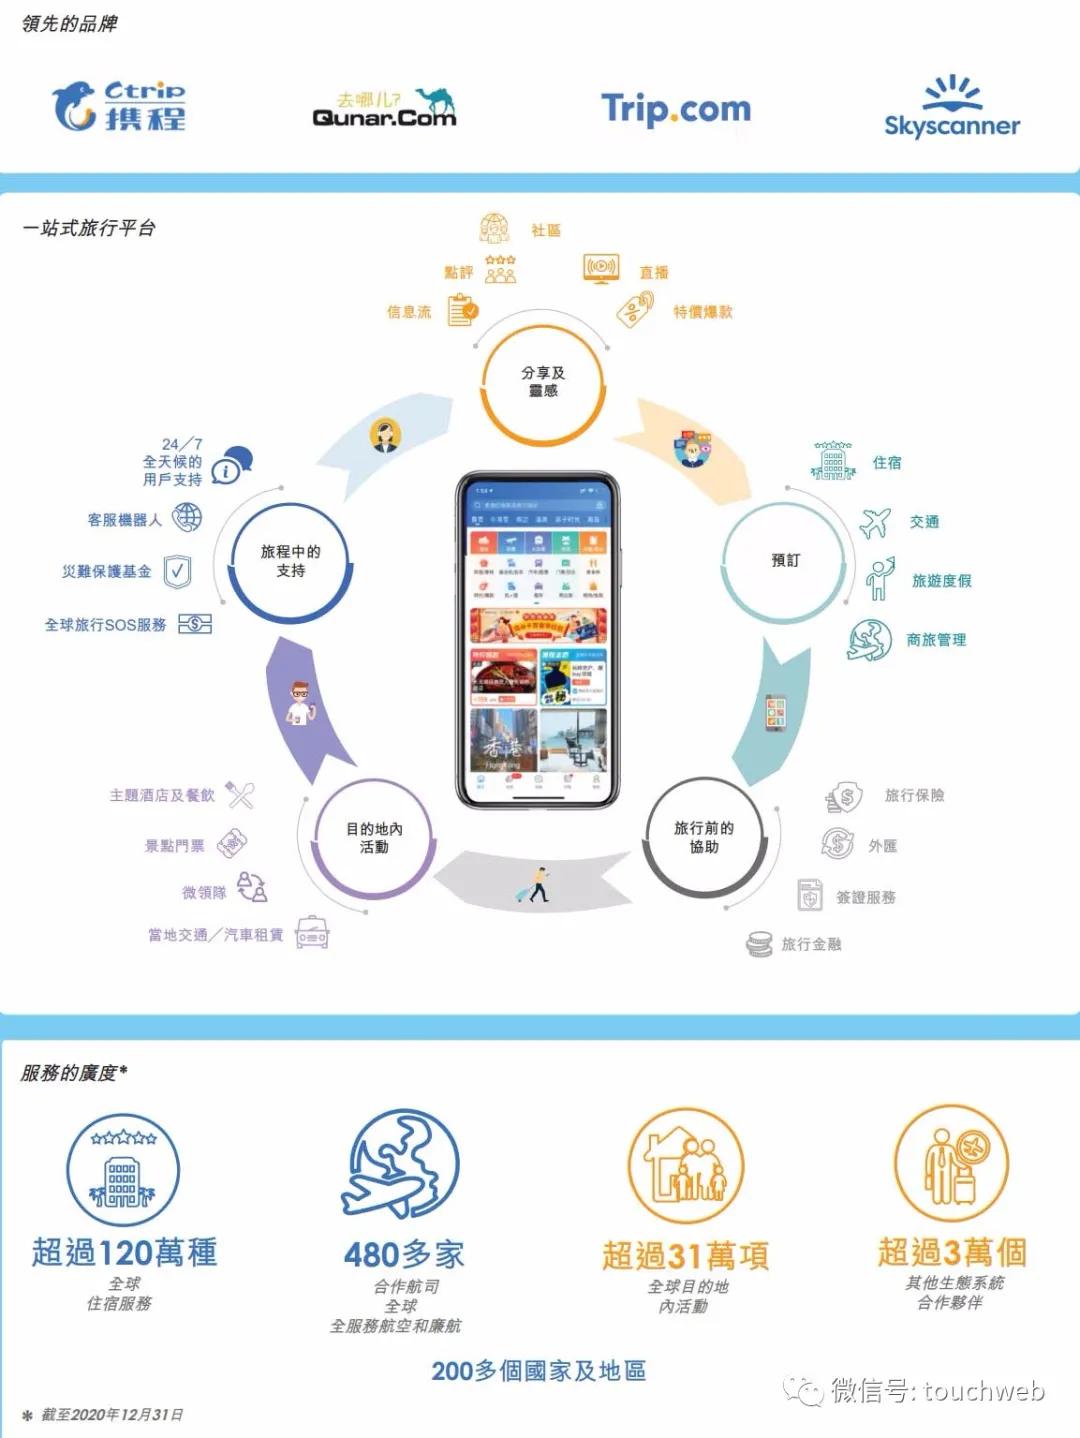 携程通过聆讯拟香港上市:百度为大股东 梁建章持股3.1%